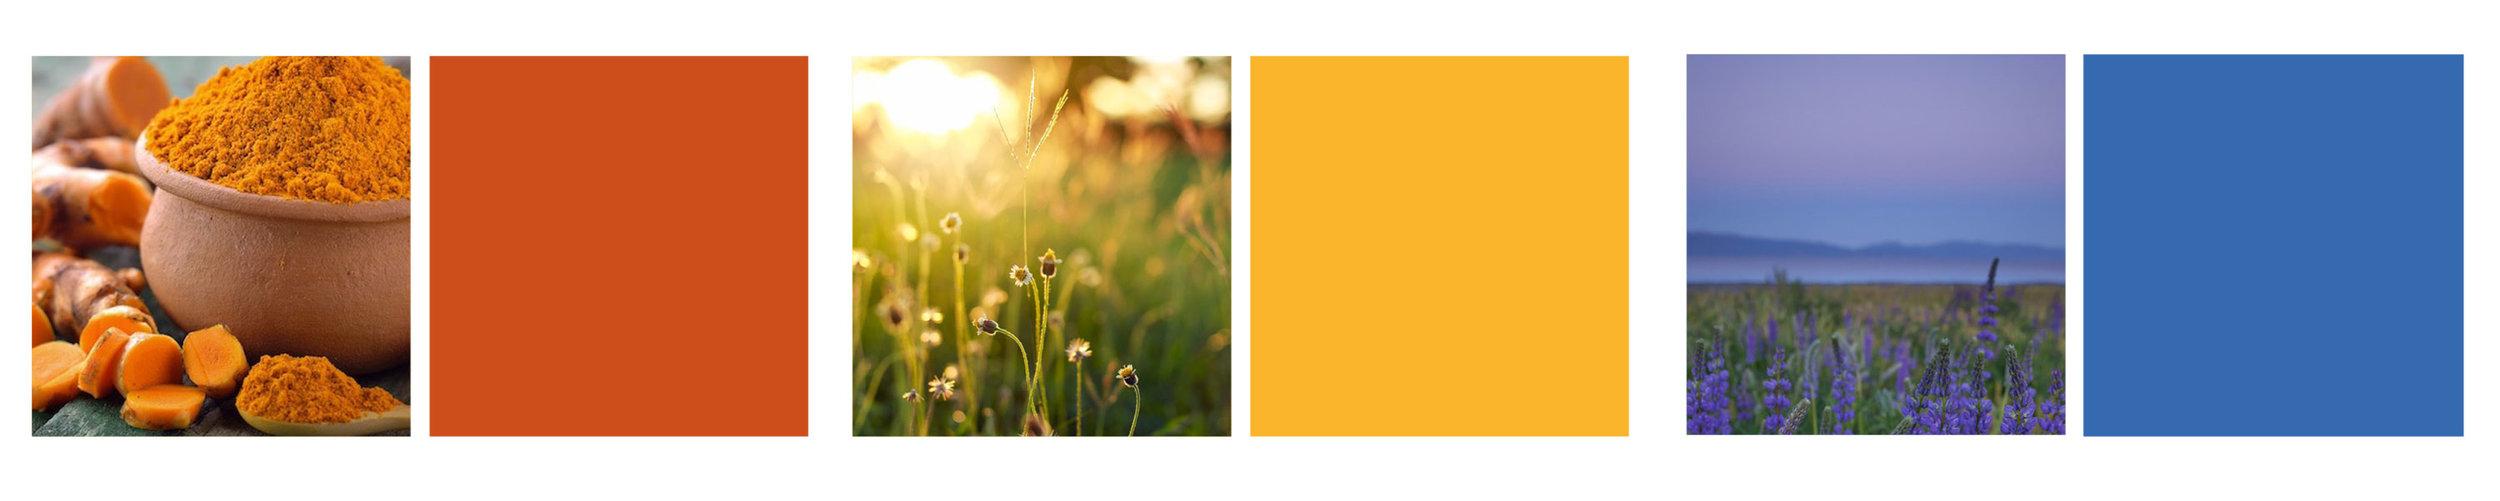 Smarter Nutrition Branding Colors - KLN Design